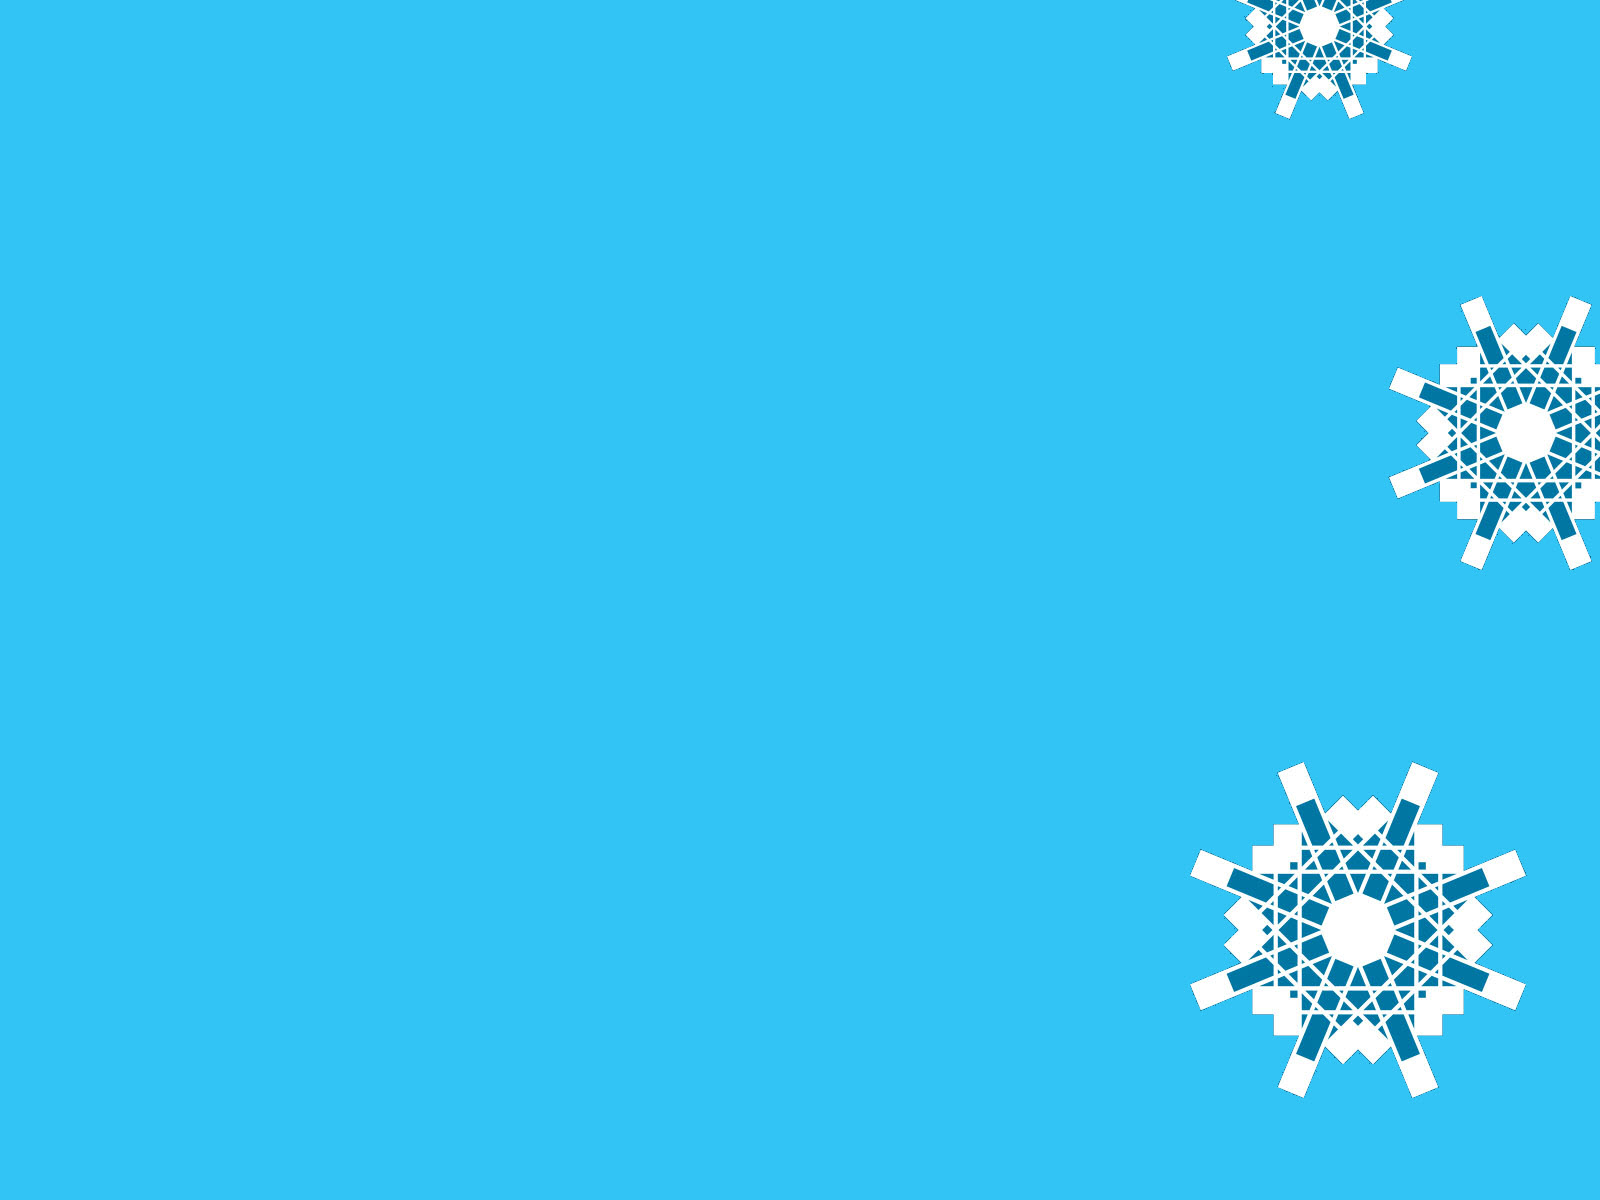 Hình nền ppt bông tuyết đơn giản, sang trọng